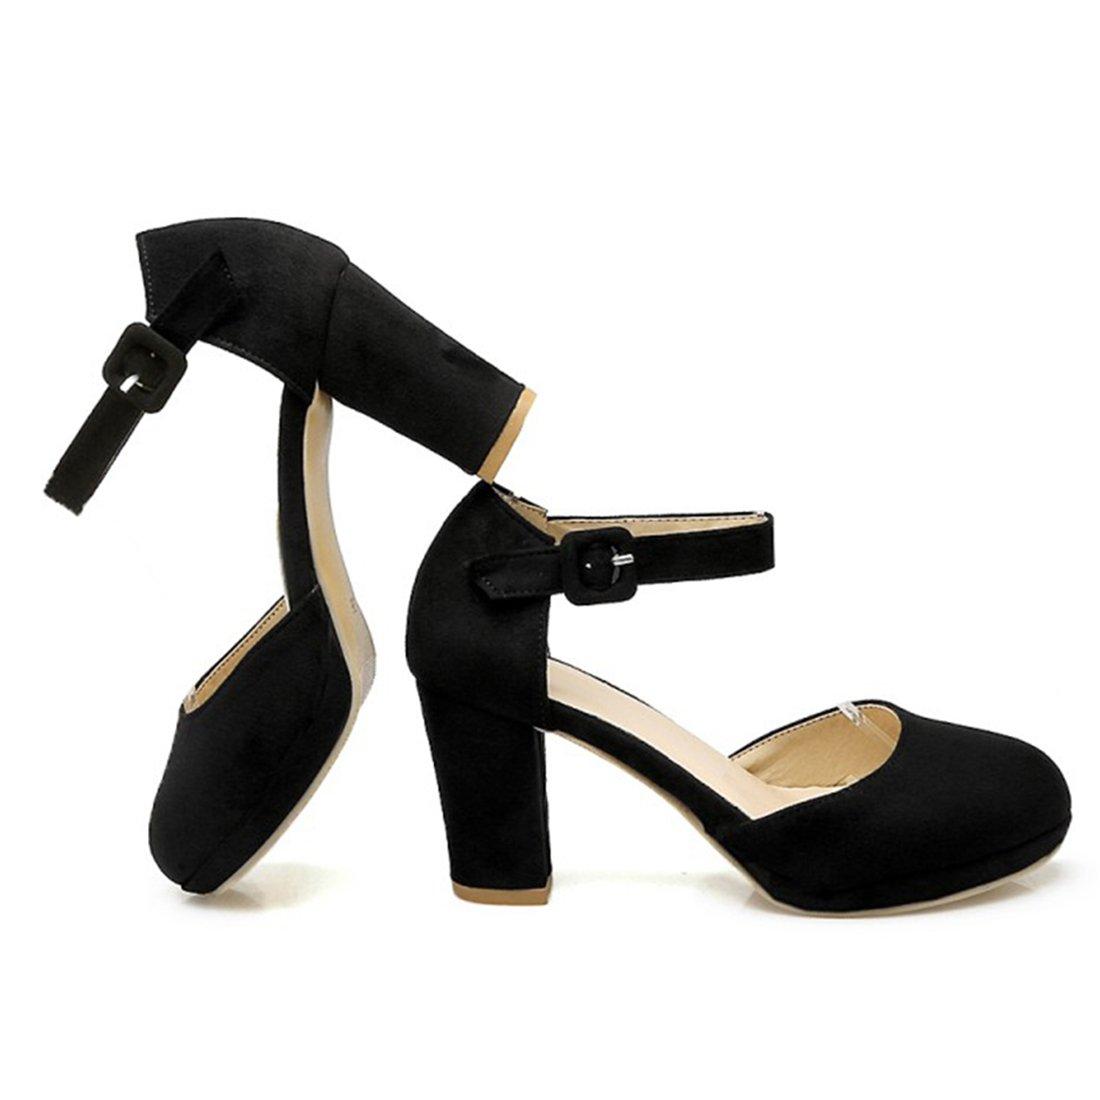 19c783cf3782 Atyche Damen und 9394 Blockabsatz High Schwarz Heels Sandalen mit Schnalle  und Plateau Riemchen Pumps Elegante Schuhe Schwarz 3d3eef9 -  www.couponpro.xyz